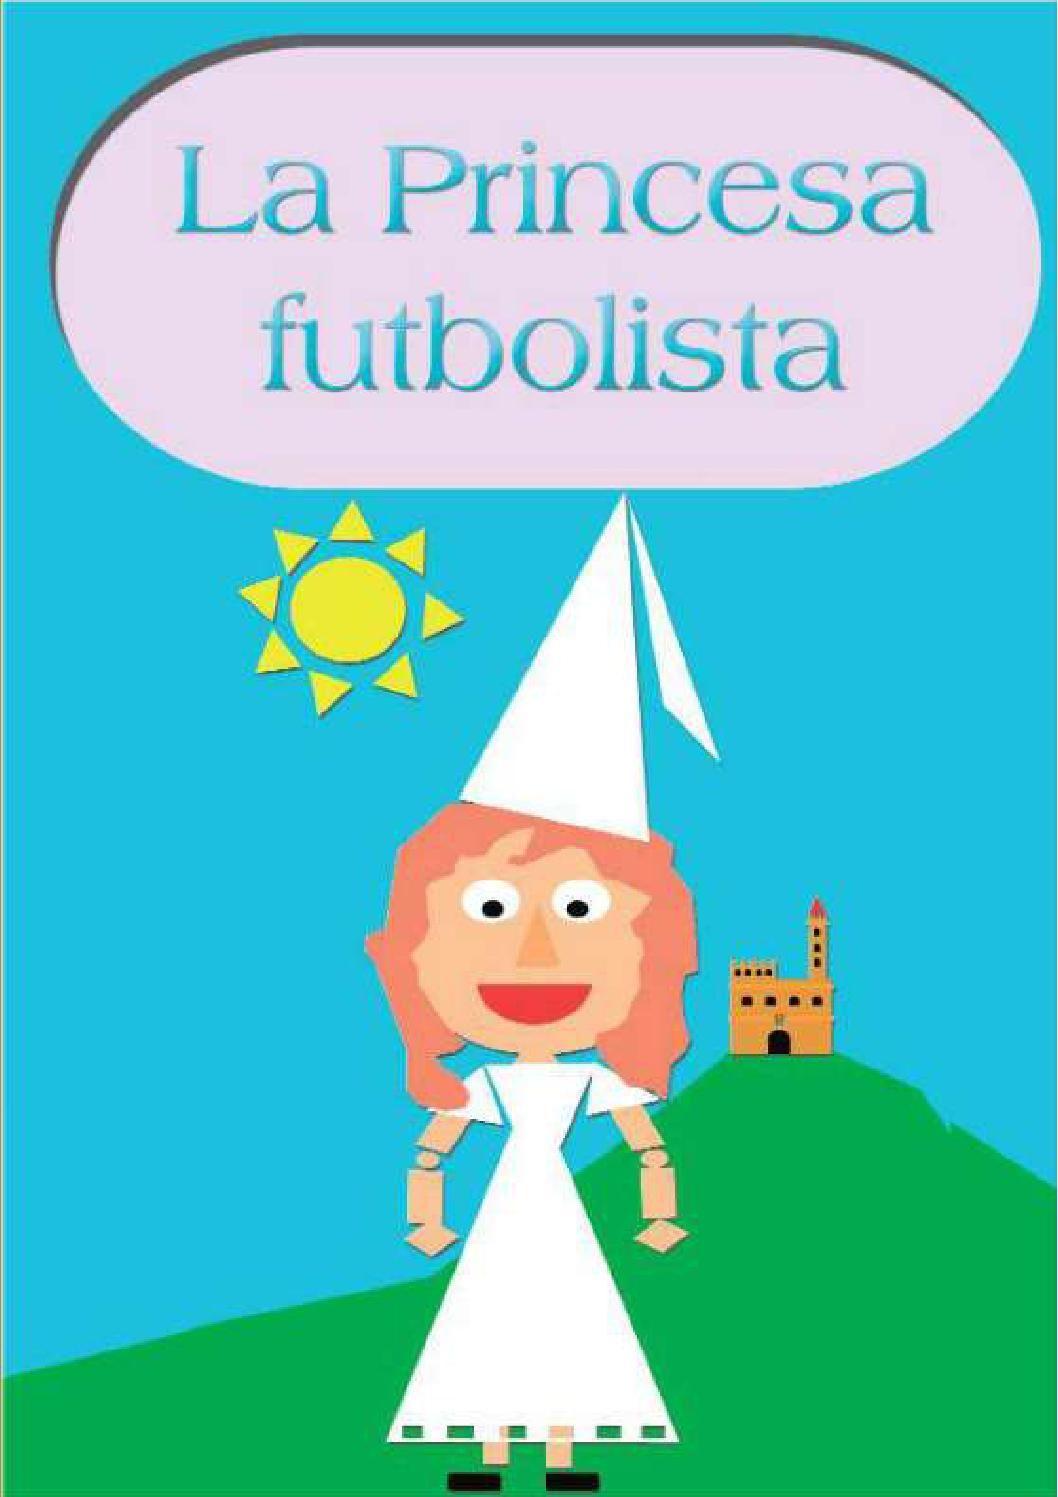 libros infantiles igualdad